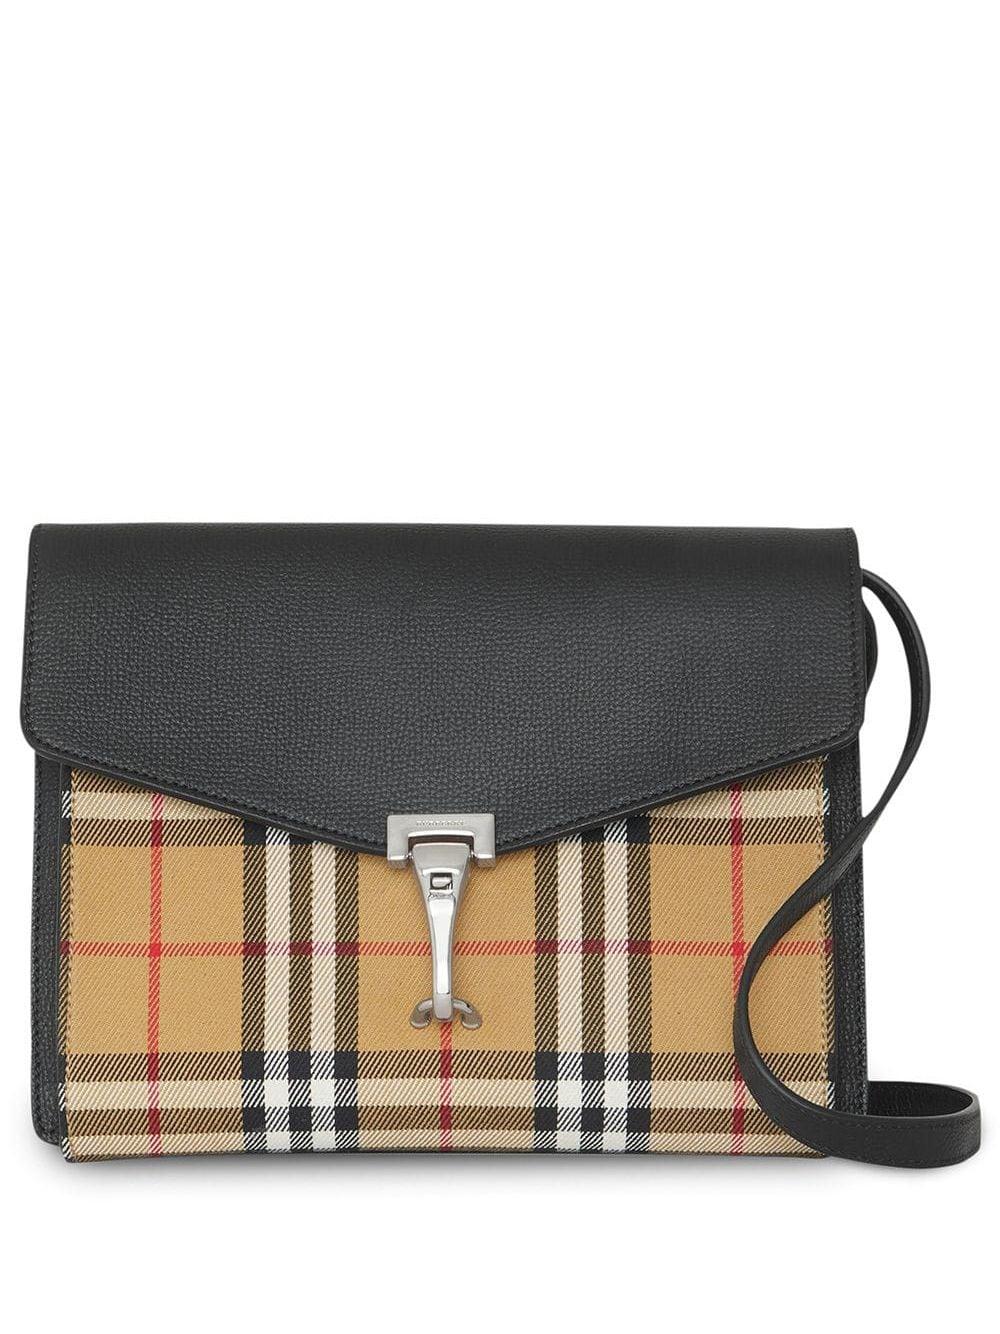 Kleine Handtasche Karo Muster Bunt Schultertasche Schwarz Grau Creme Braun